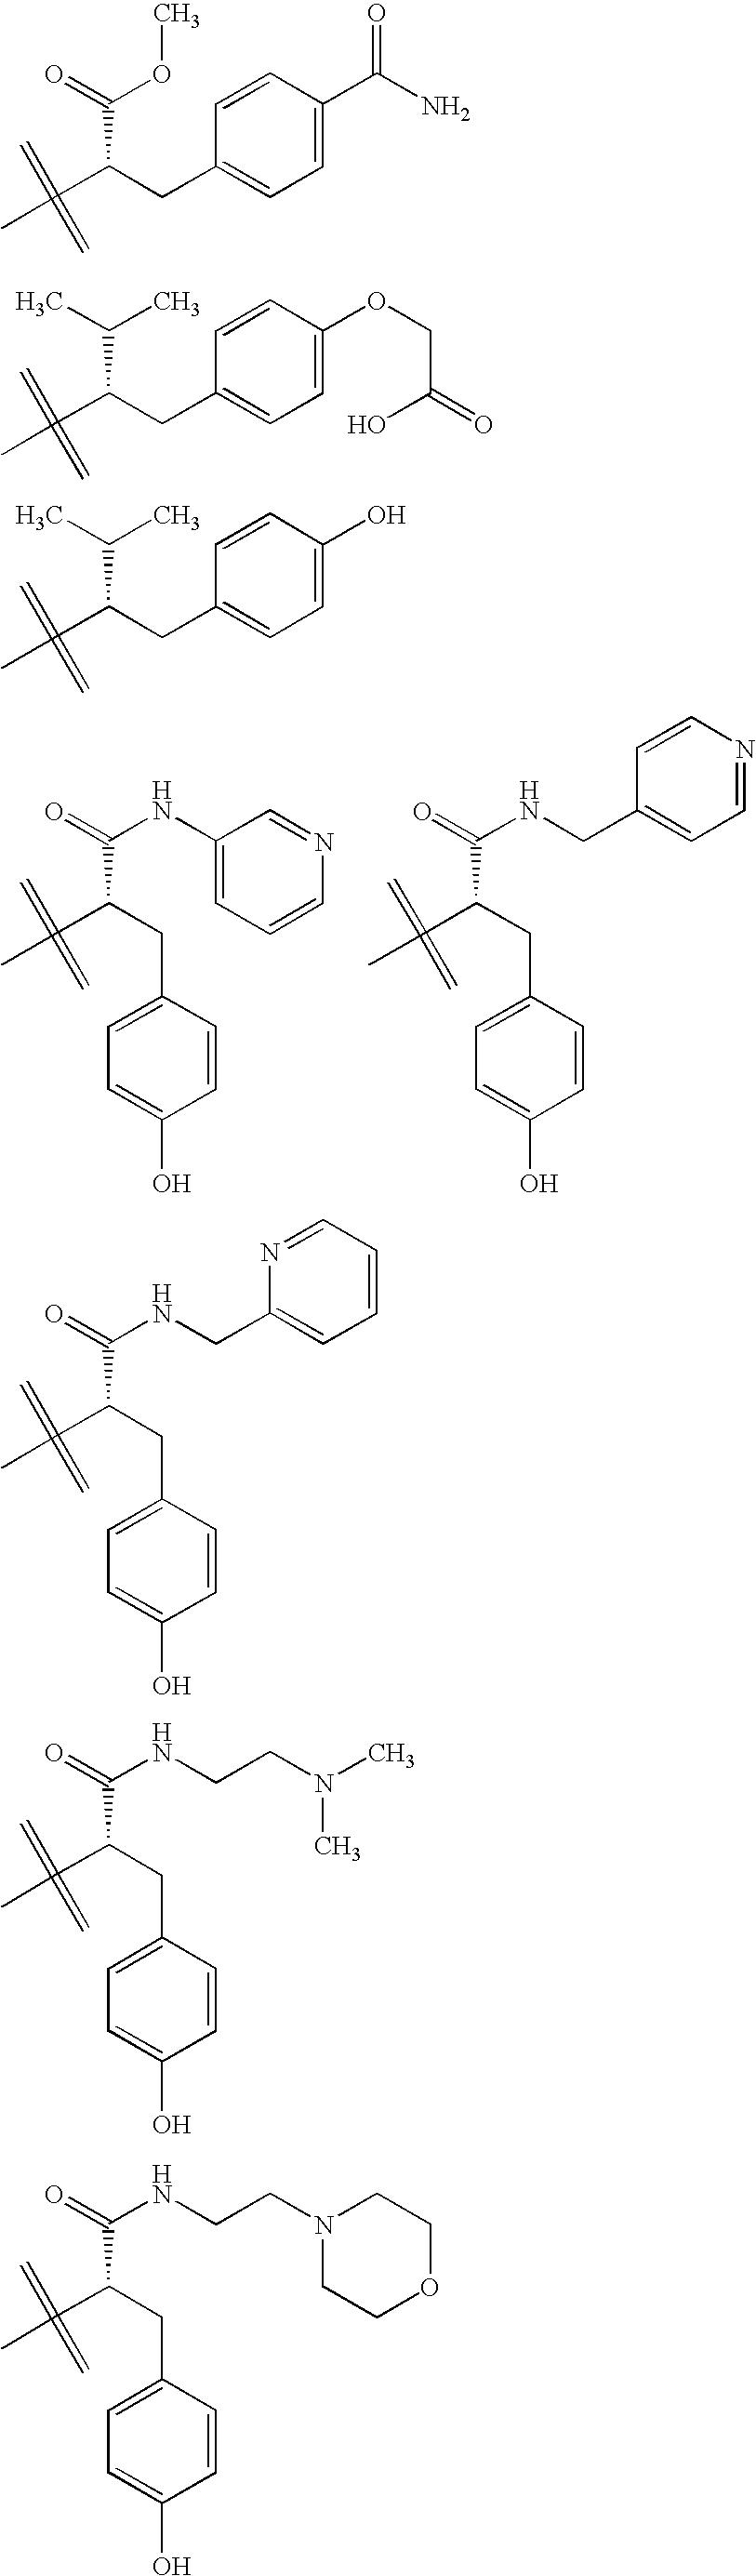 Figure US20070049593A1-20070301-C00092